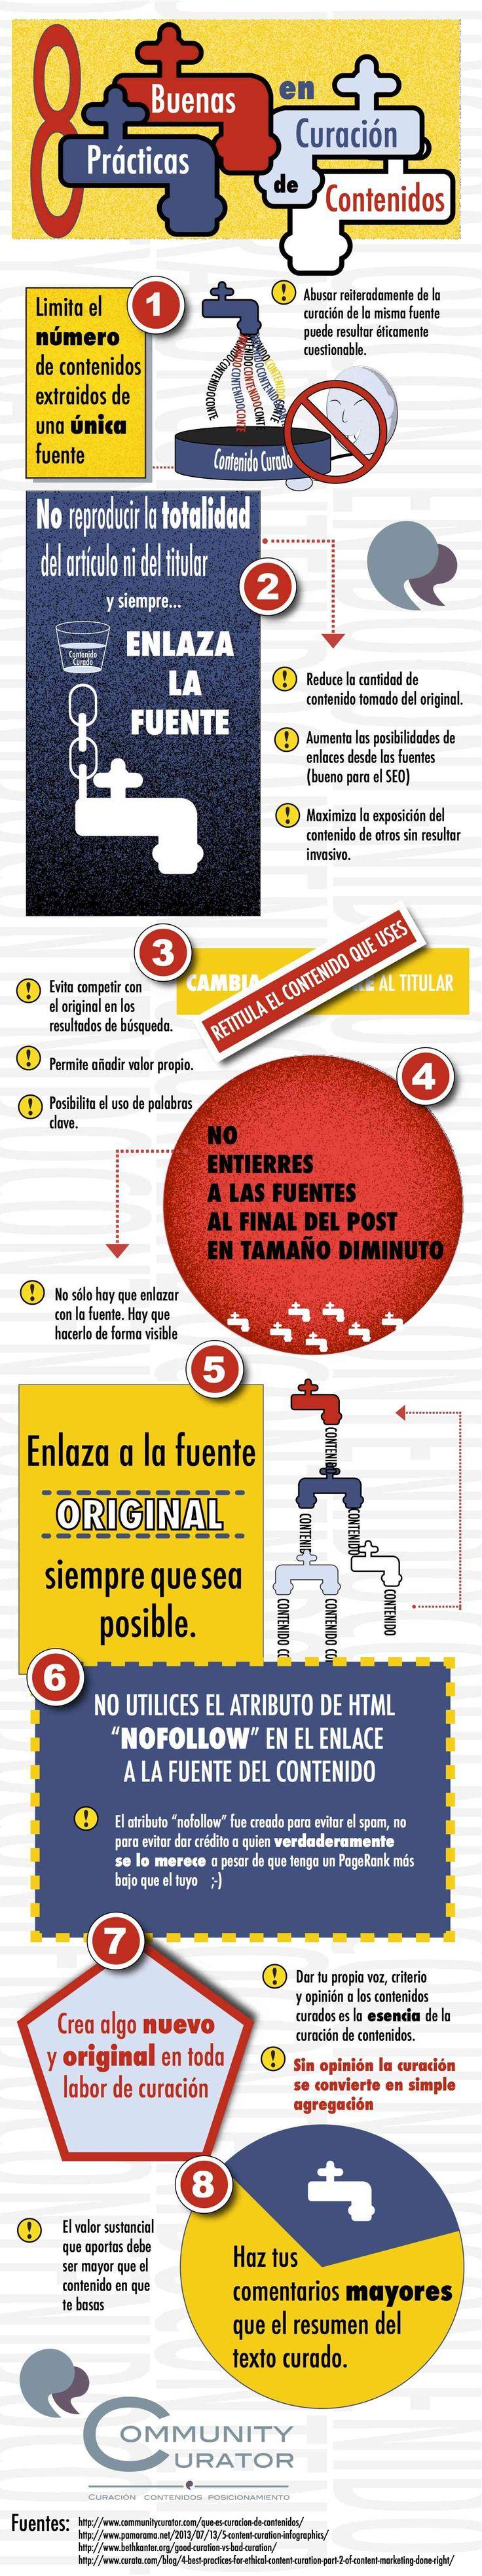 Buenas prácticas para la curación de contenidos: infografía  http://www.communitycurator.com/buenas-practicas-en-curacion-de-contenidos-infografia/